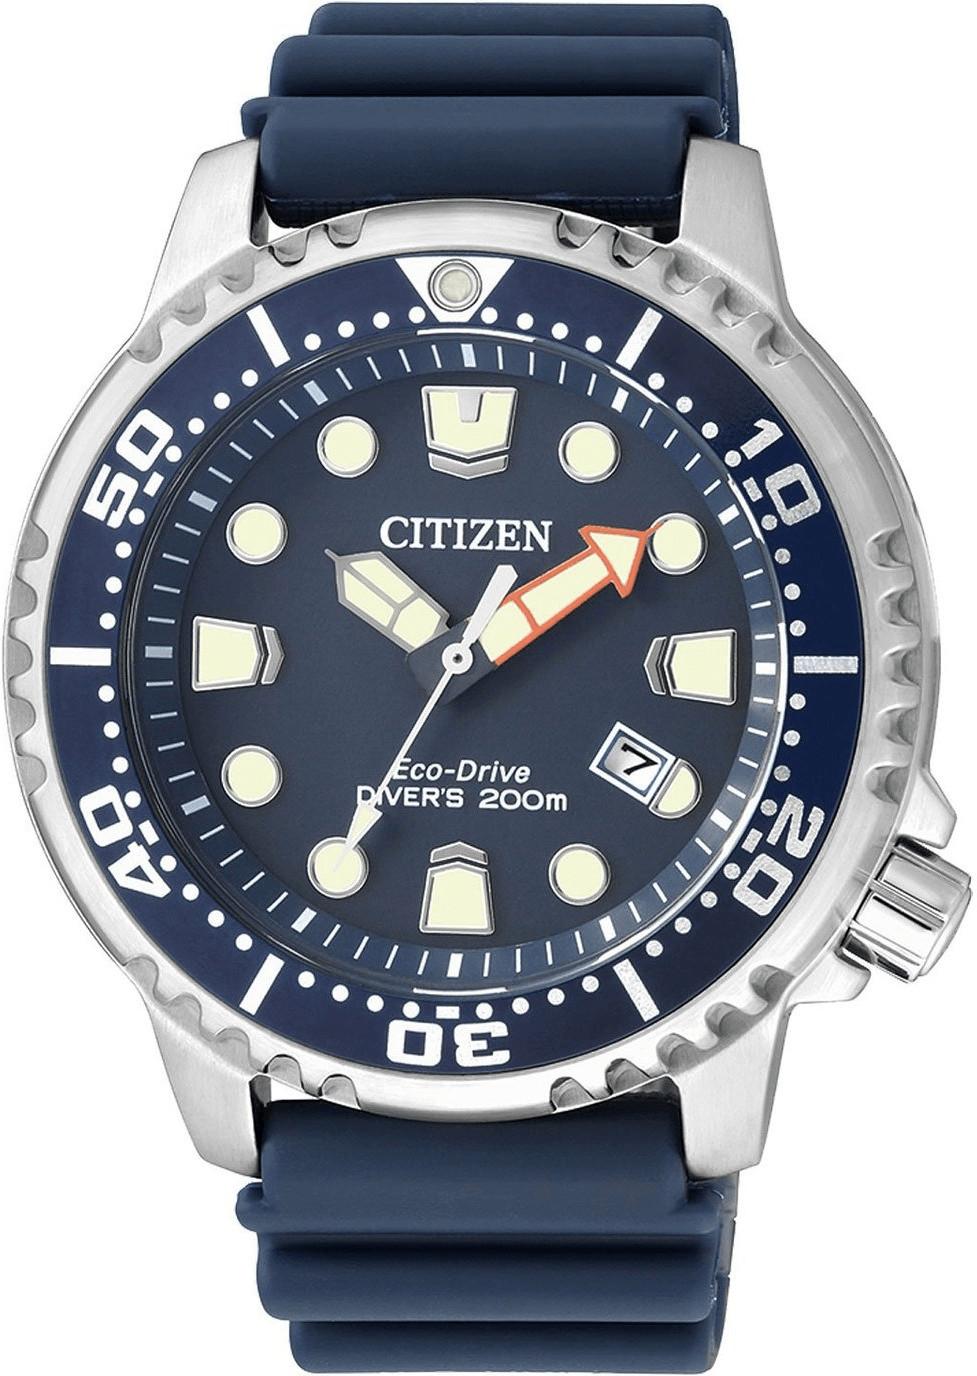 Citizen Eco-Drive Promaster Marine (BN0151-17L)